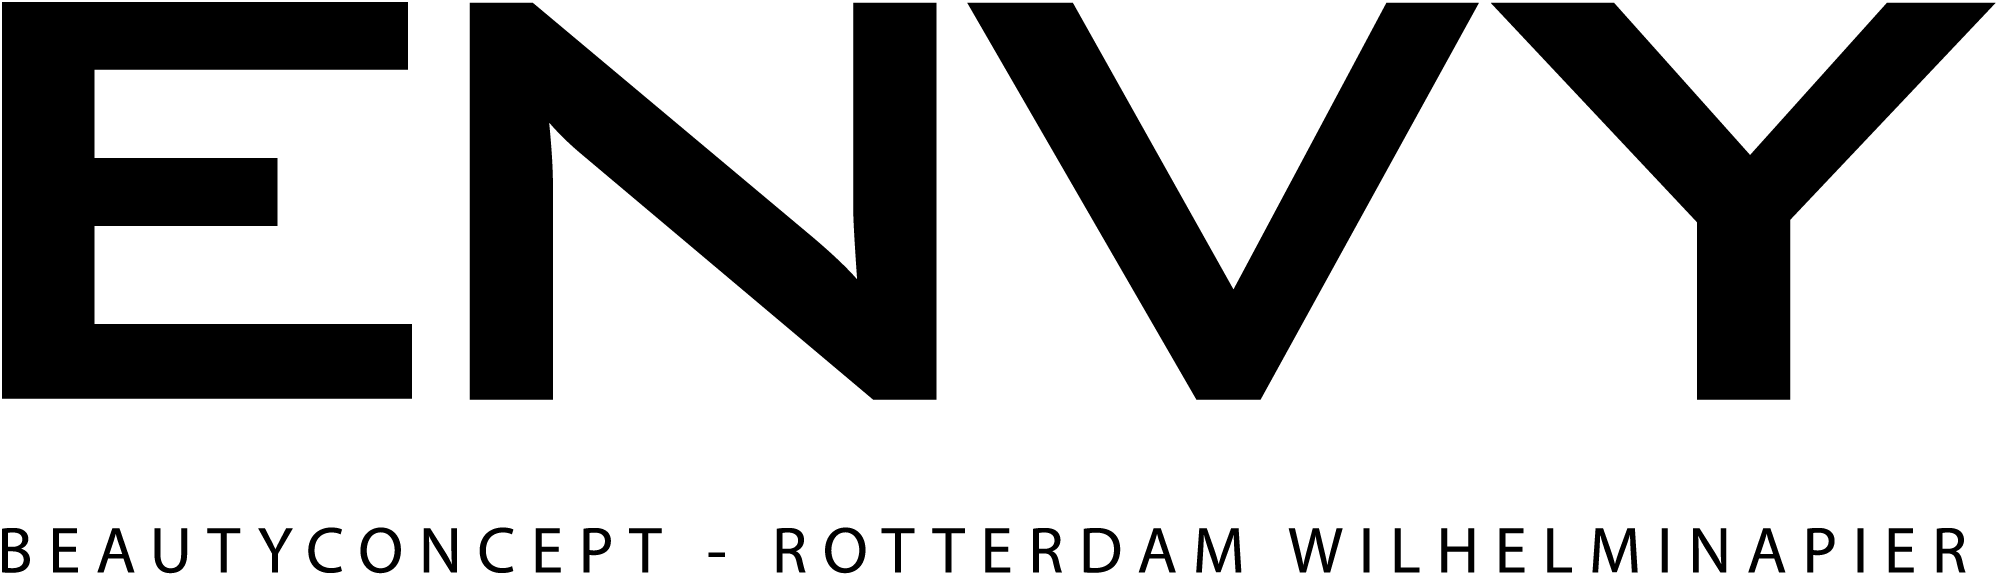 Envy beauty concept logo groot